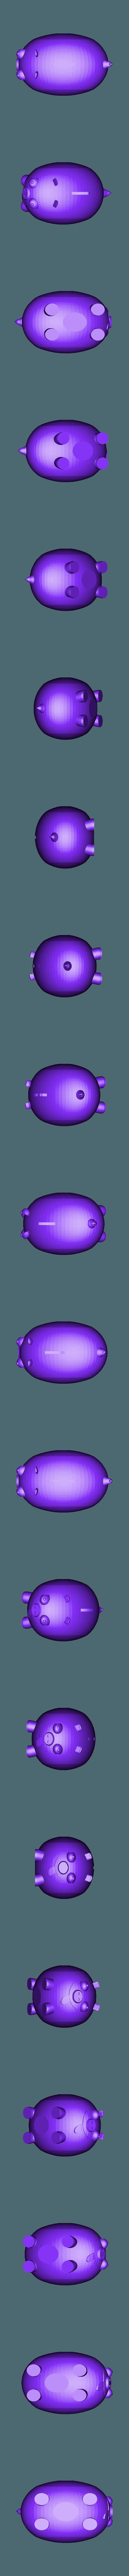 PiggyBank.stl Télécharger fichier STL gratuit Tirelire imprimable • Modèle imprimable en 3D, 3DWP